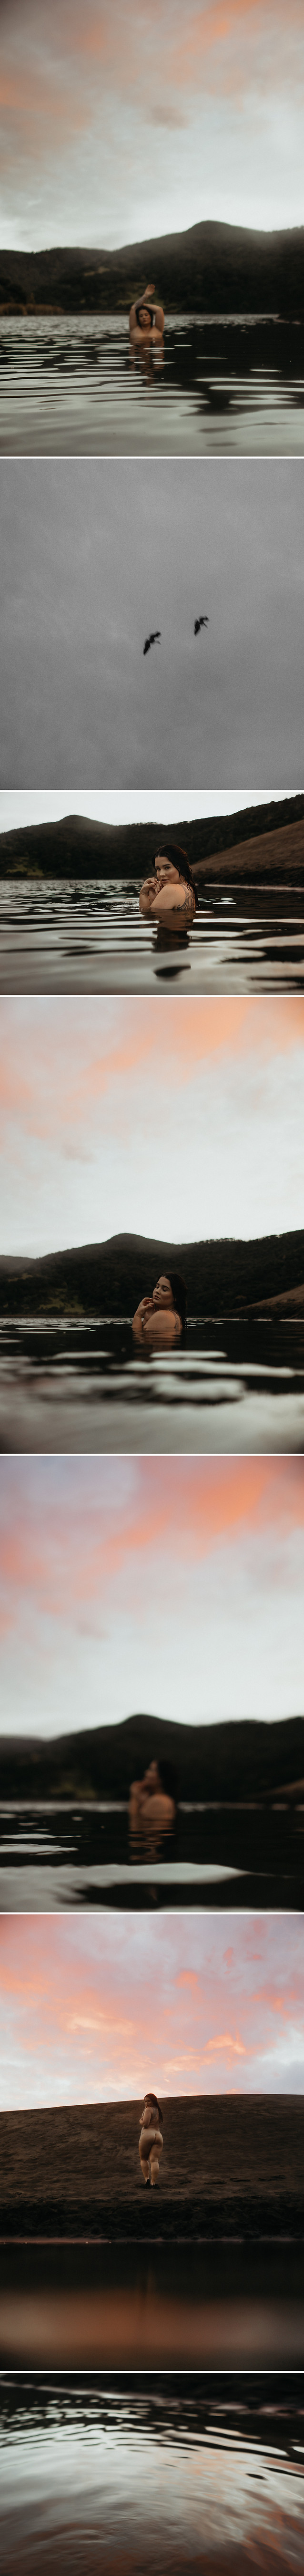 AUCKLAND BOUDOIR PHOTOGRAPHER, AUCKLAND BOUDOIR PHOTOGRAPHY, AUCKLAND WOMANS PHOTOGRAPHER, NEW ZEALAND BODUOIR PHOTOGRAPHER, BOUDOIR PHOTOGRAPHER NZ, NZ BOUDOIR, AUCKLAND BOUDOIR